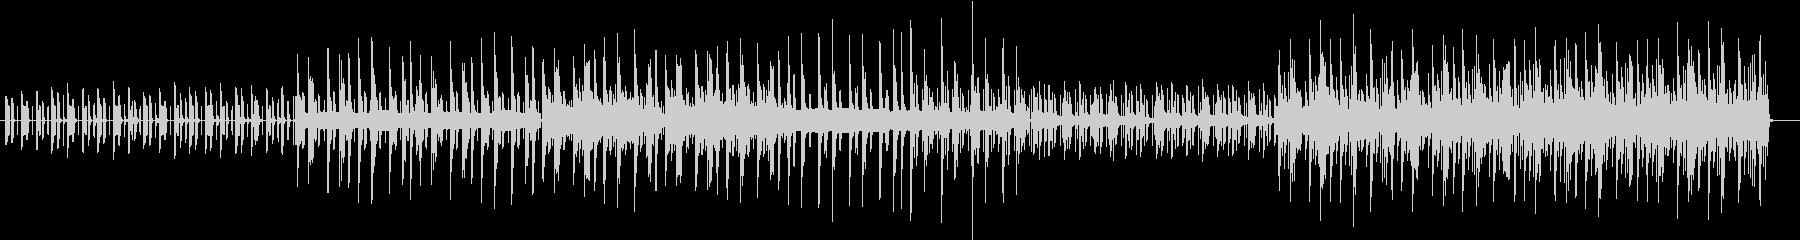 木琴の音がメインでゆったりした曲の未再生の波形